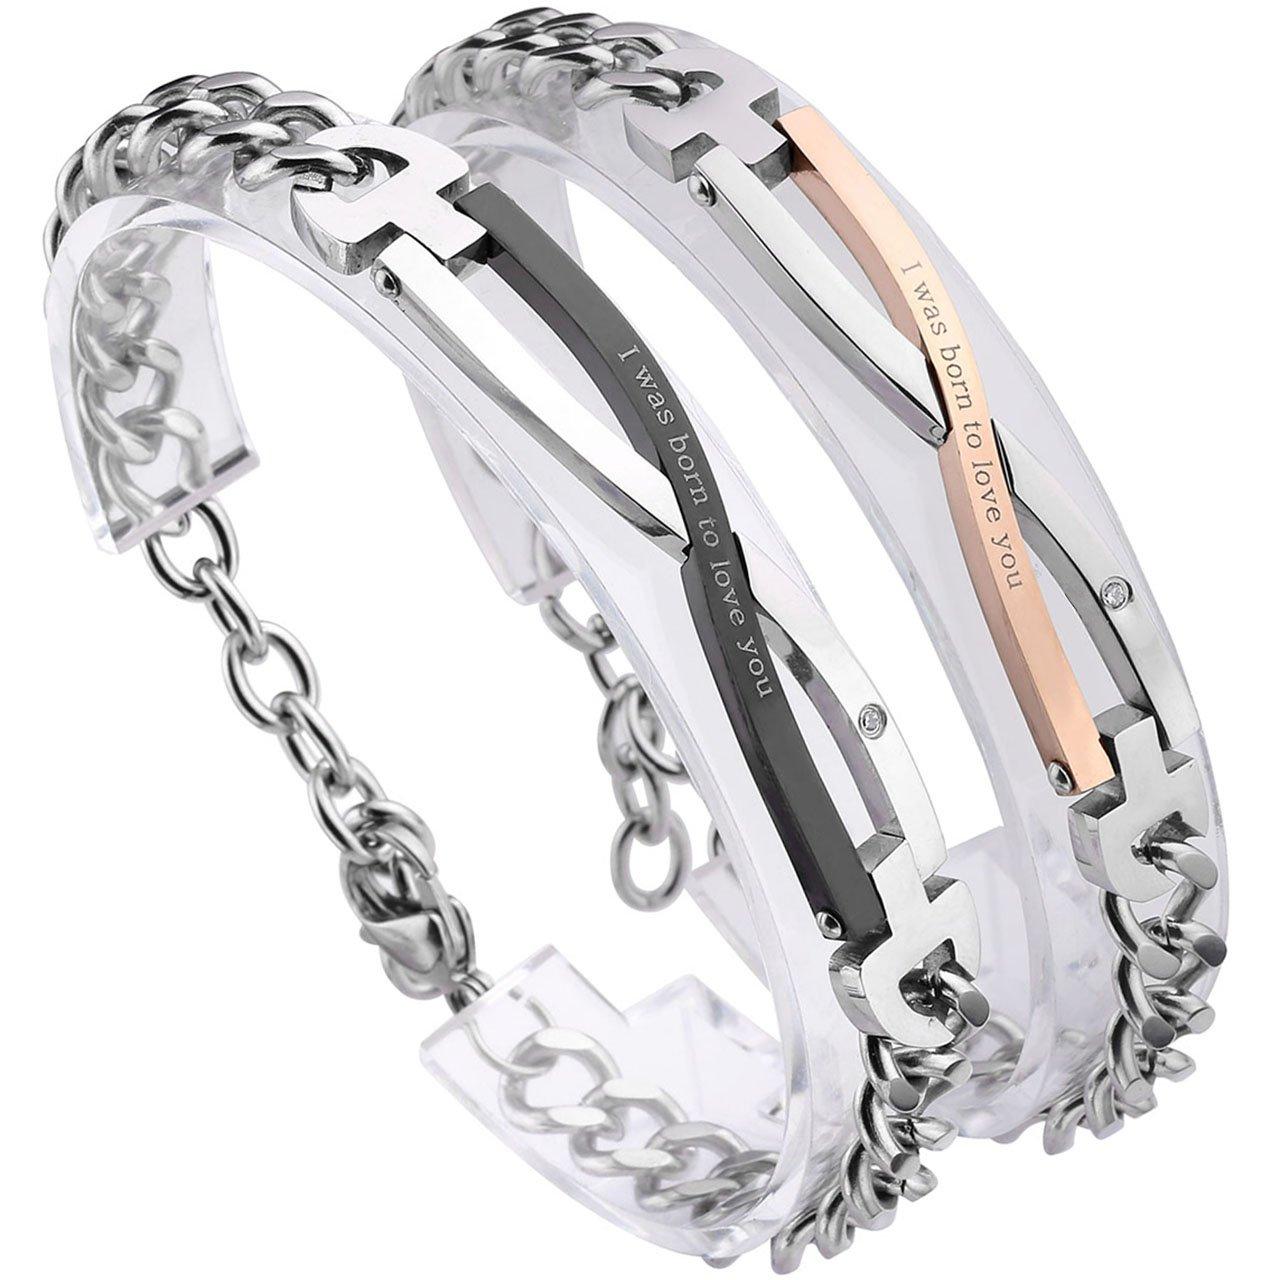 PiercingJ Stainless Steel CZ Love for Men Women Couple Bracelet Link Chain Wrist Bangles Gift Set for Lover AXUS099864